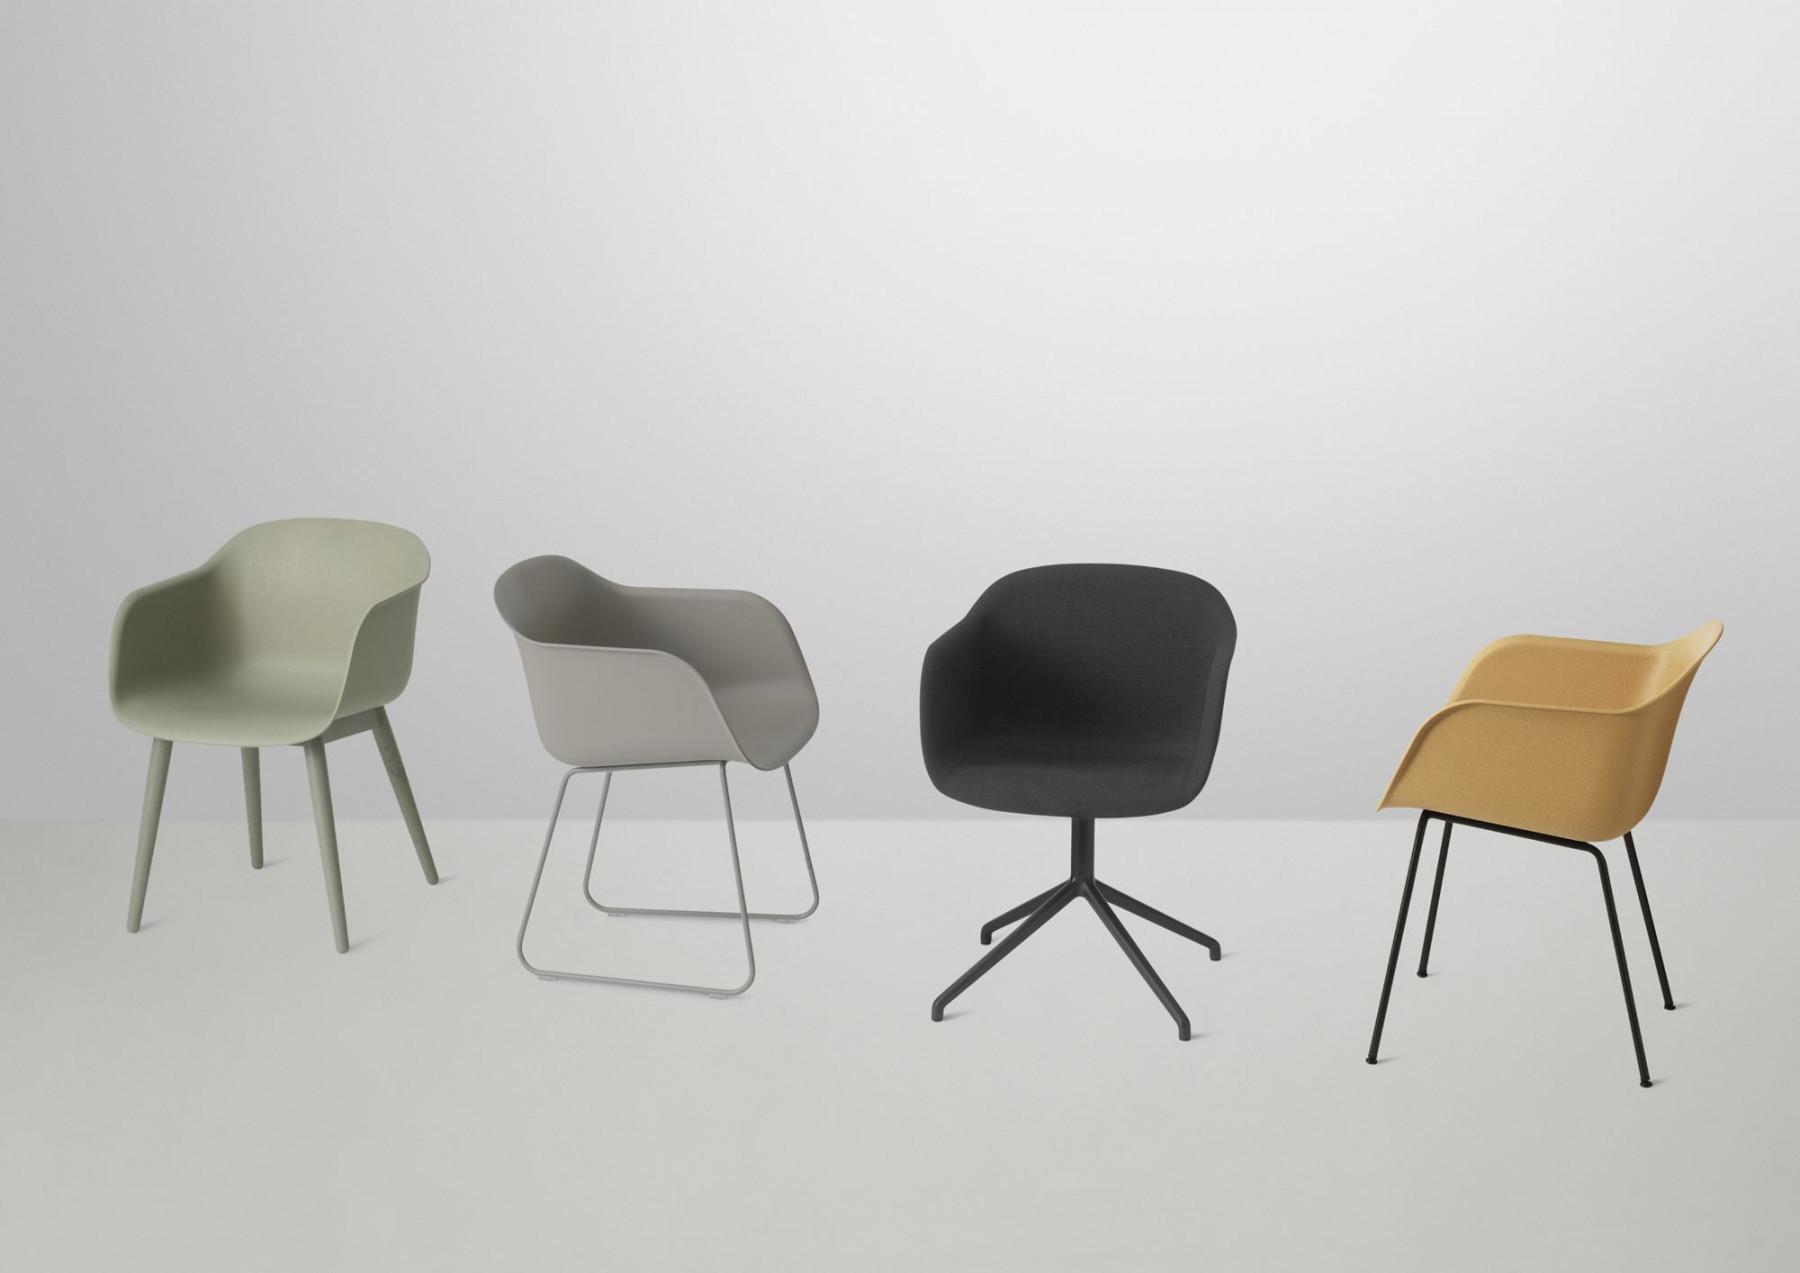 Muuto Stuhl  Fiber Chair Tube Base Stuhl Muuto einrichten design